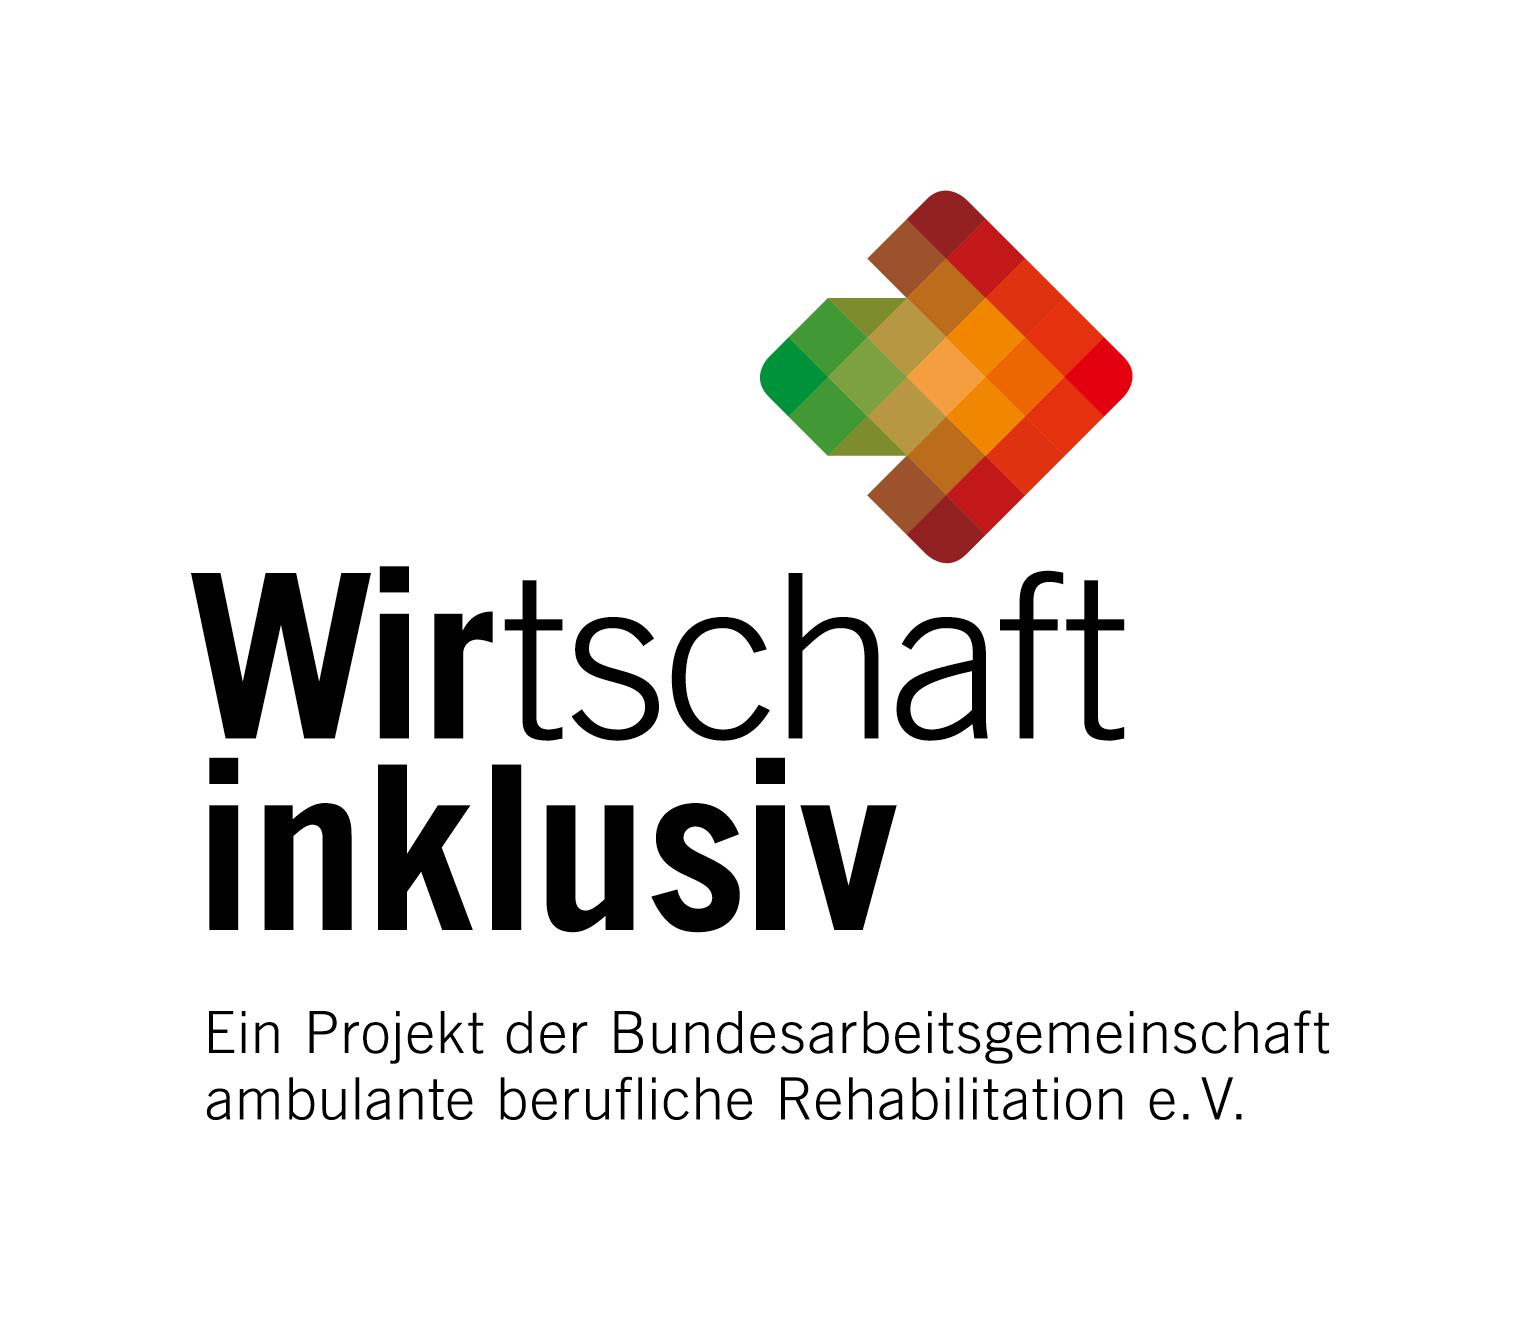 Erfolgreiche Zwischenbilanz f#xFCr ''Wirtschaft inklusiv'' in Bayern